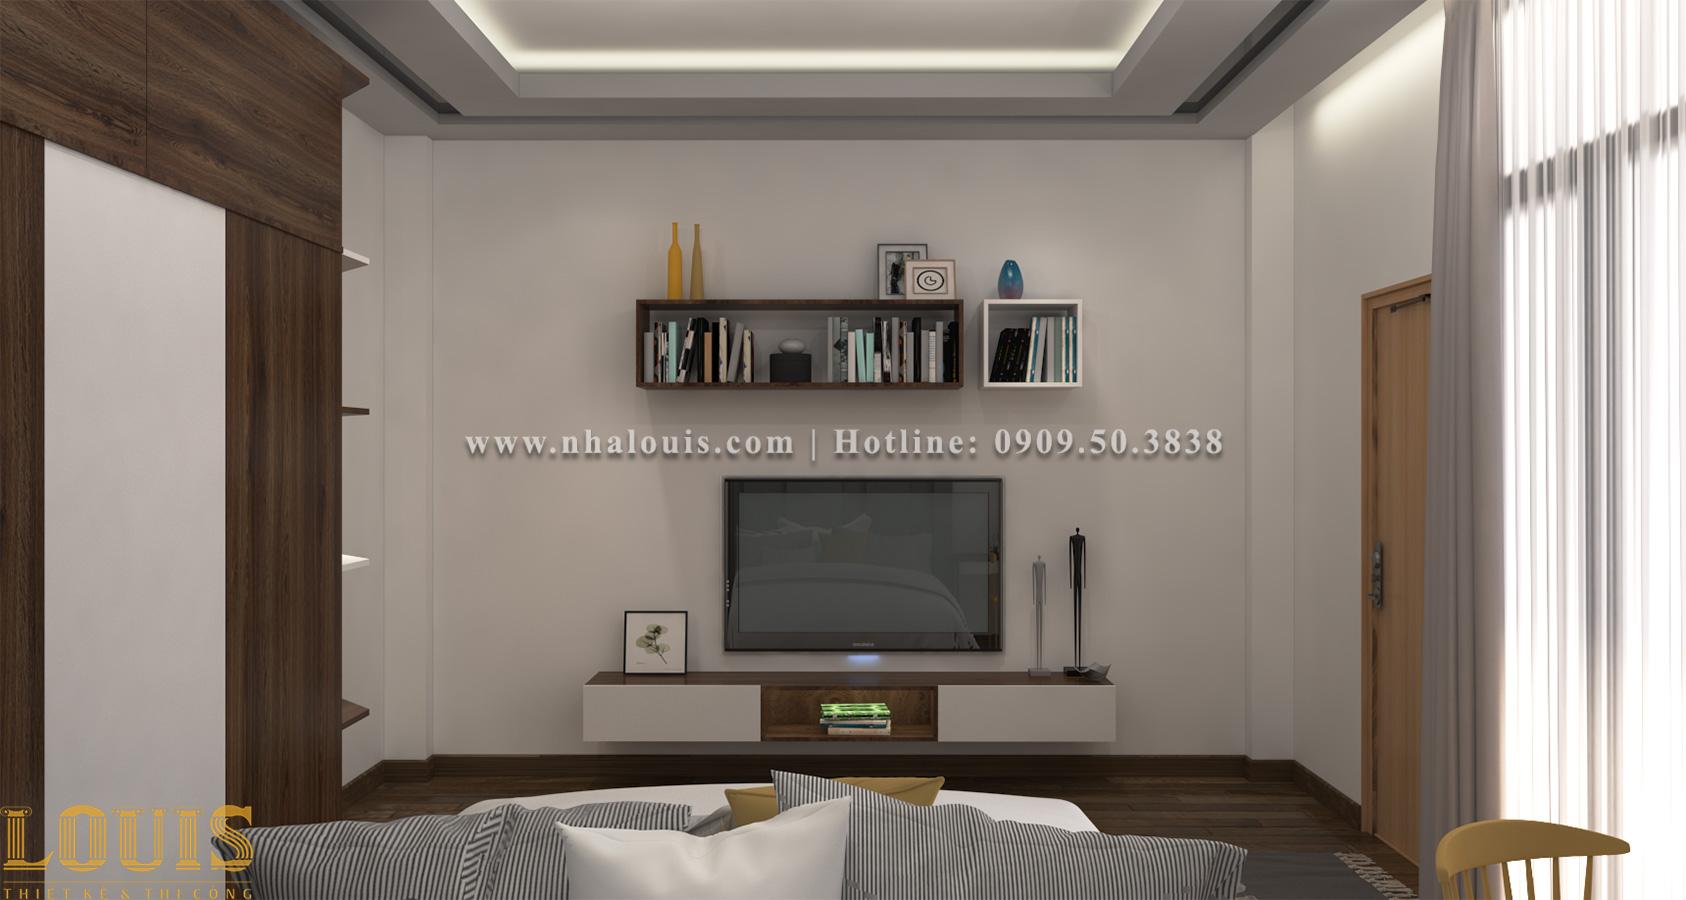 Phòng ngủ Mẫu nhà ống 3 tầng đẹp tại Long An thiết kế theo xu hướng mới - 10